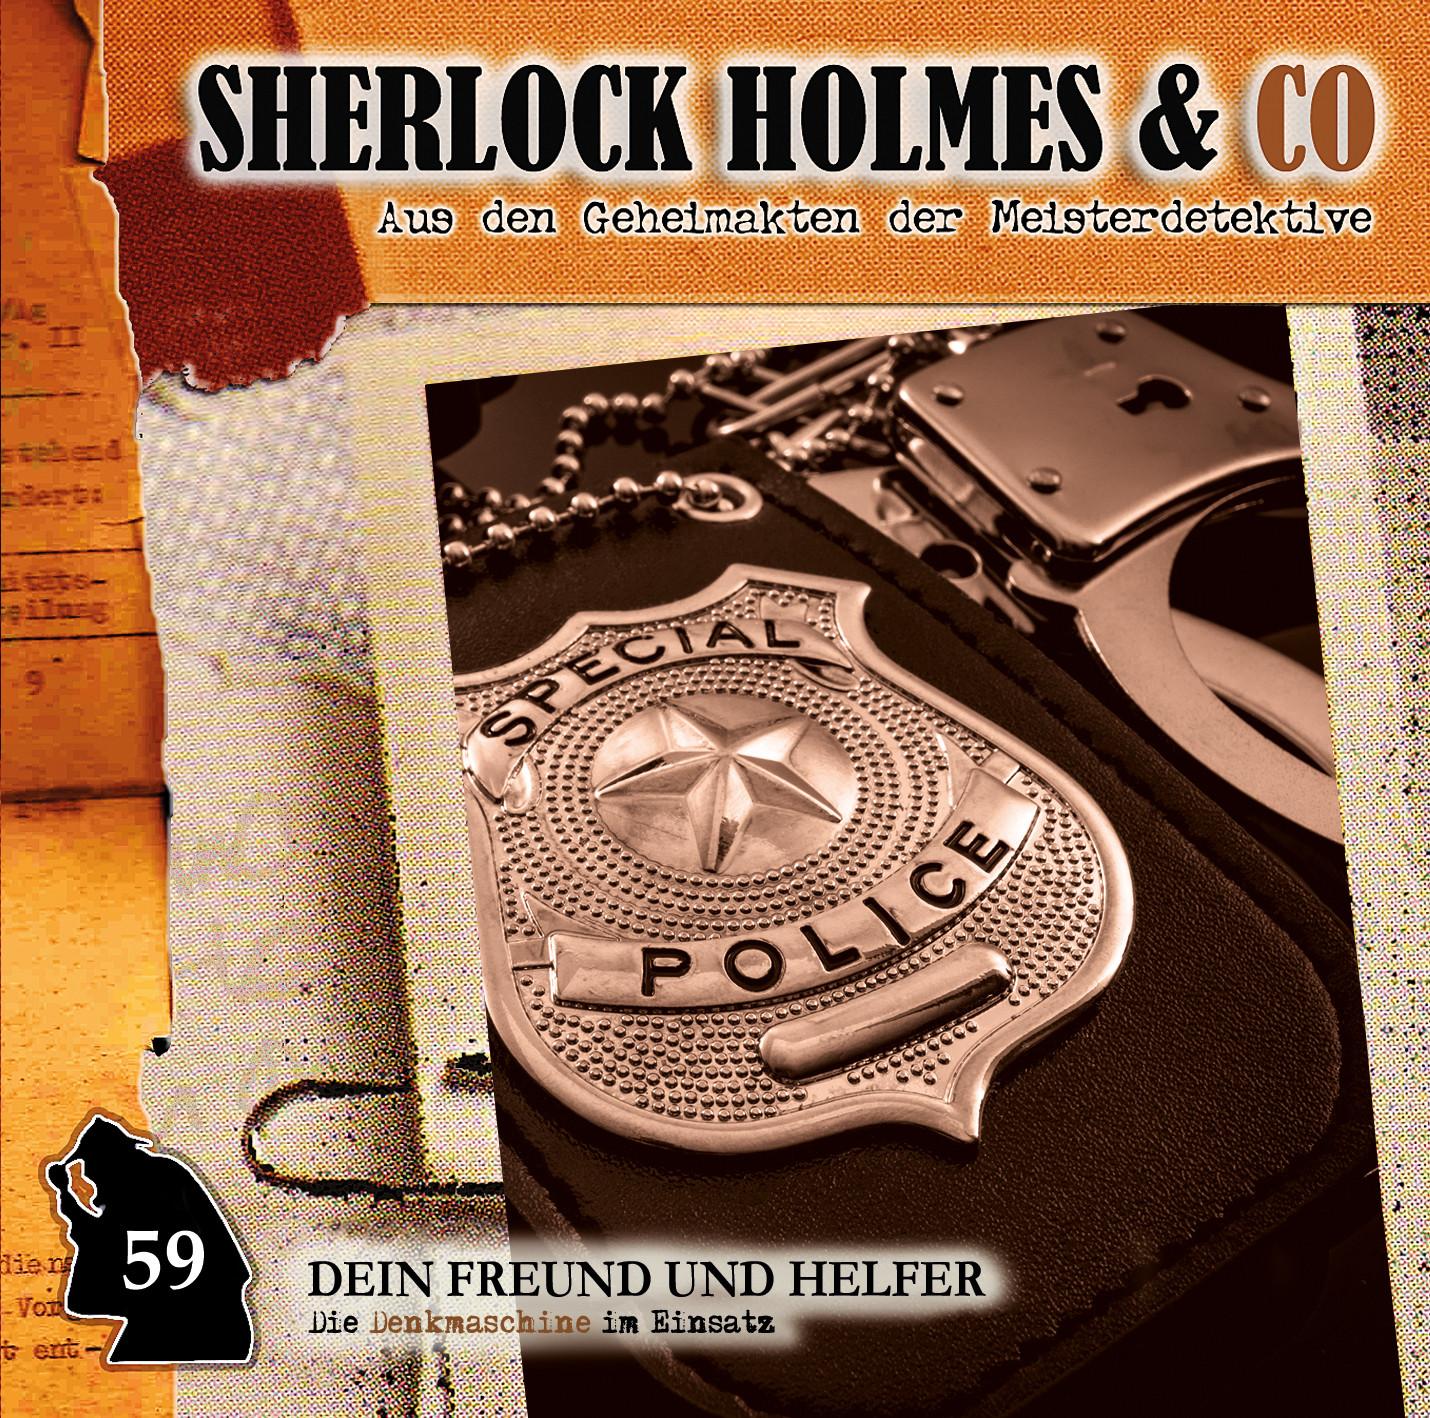 Sherlock Holmes und co. 59 Dein Freund und Helfer